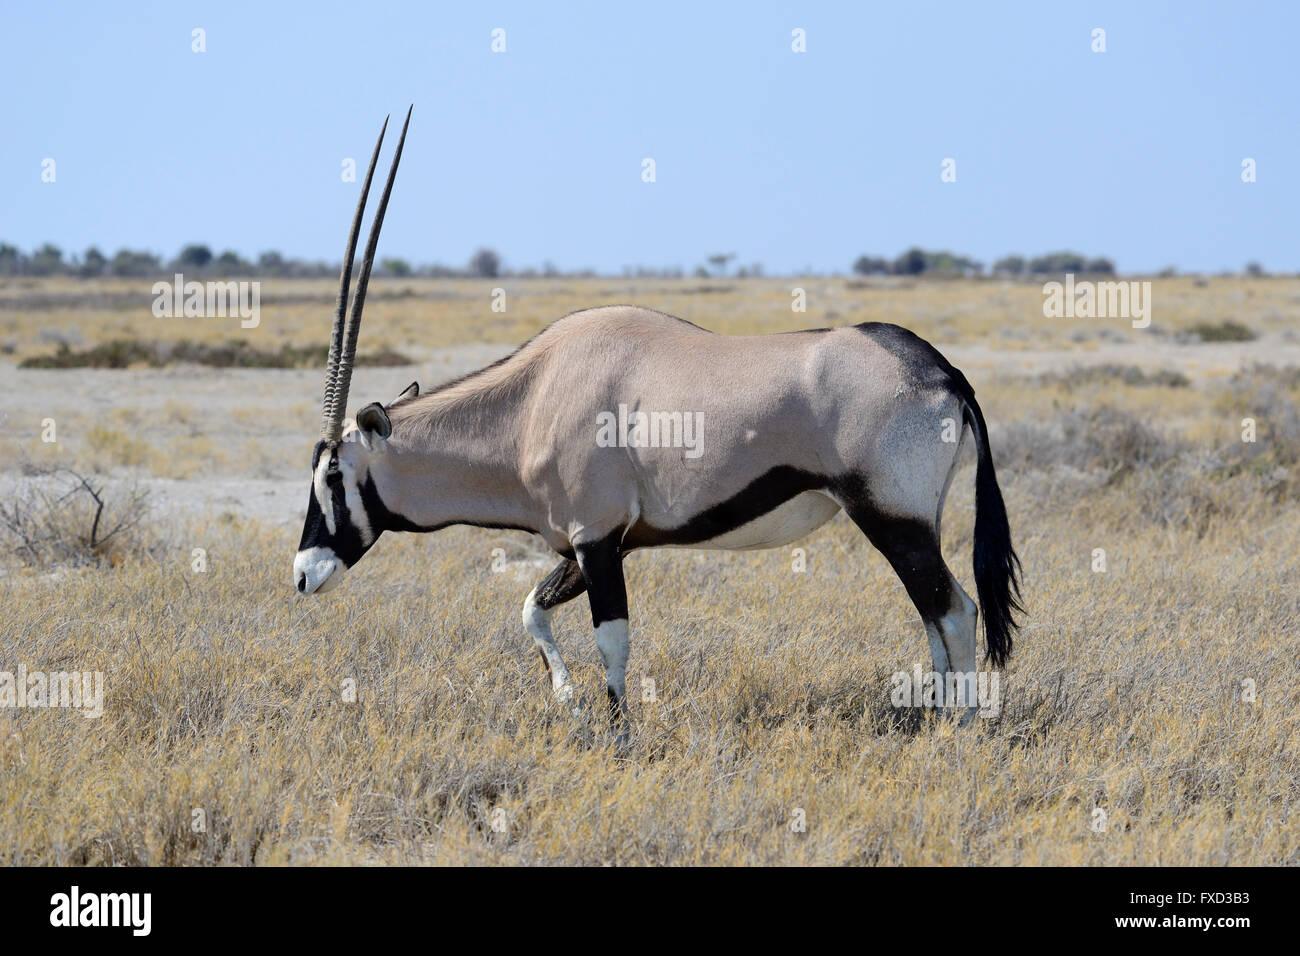 Gemsbok (Oryx gazella) in Etosha National Park, Namibia - Stock Image